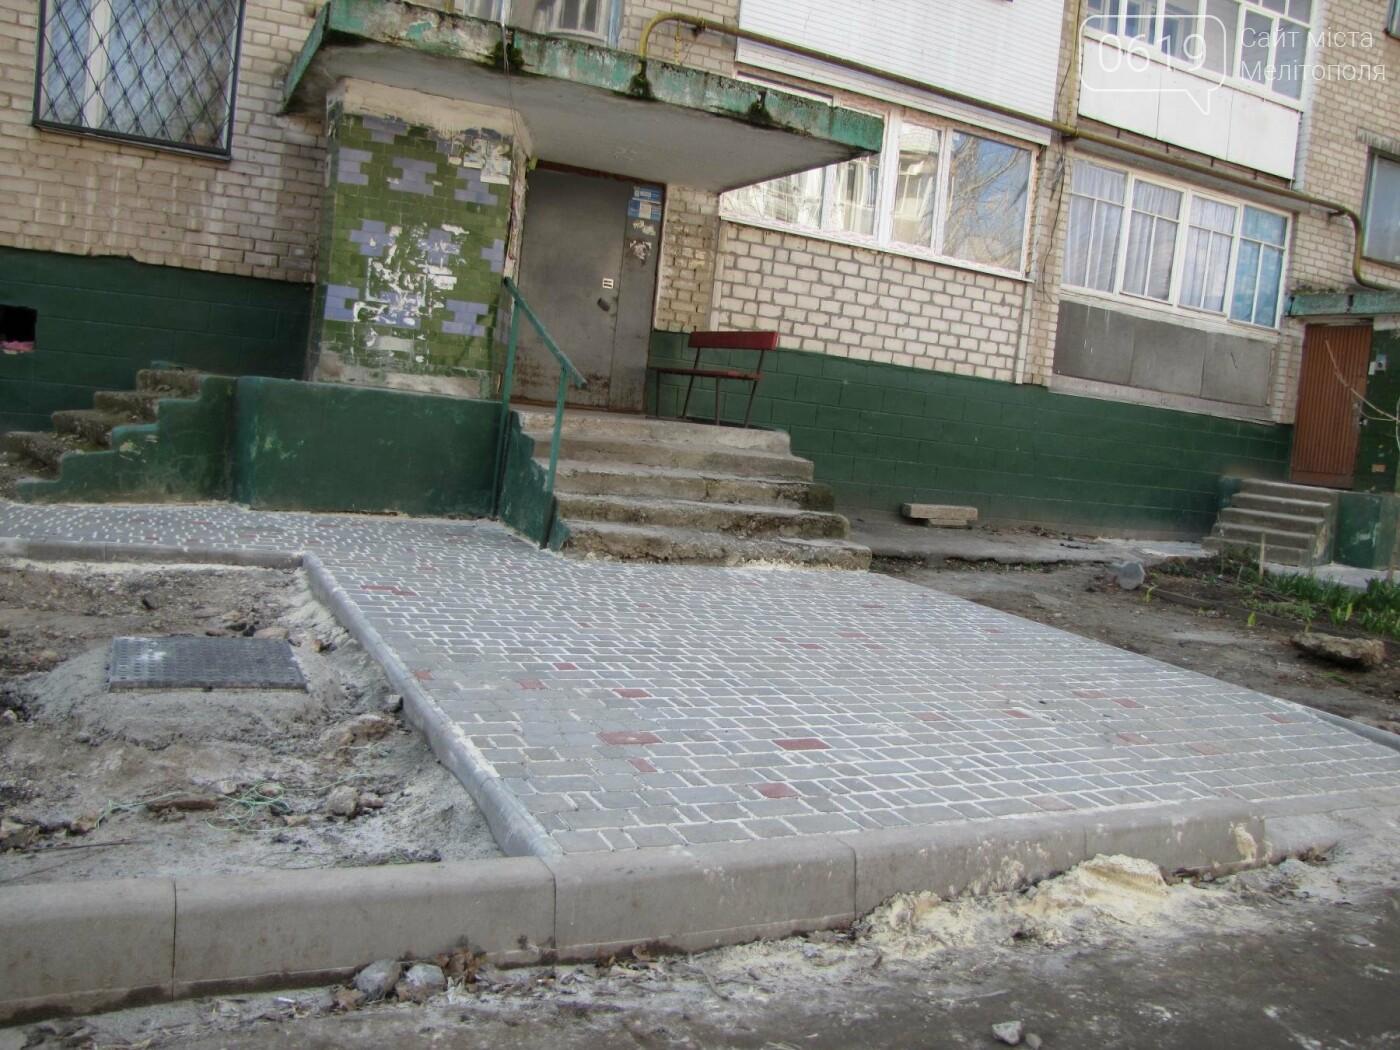 На улице Брив-ла-Гайард продолжается благоустройство внутриквартальной территории, фото-6